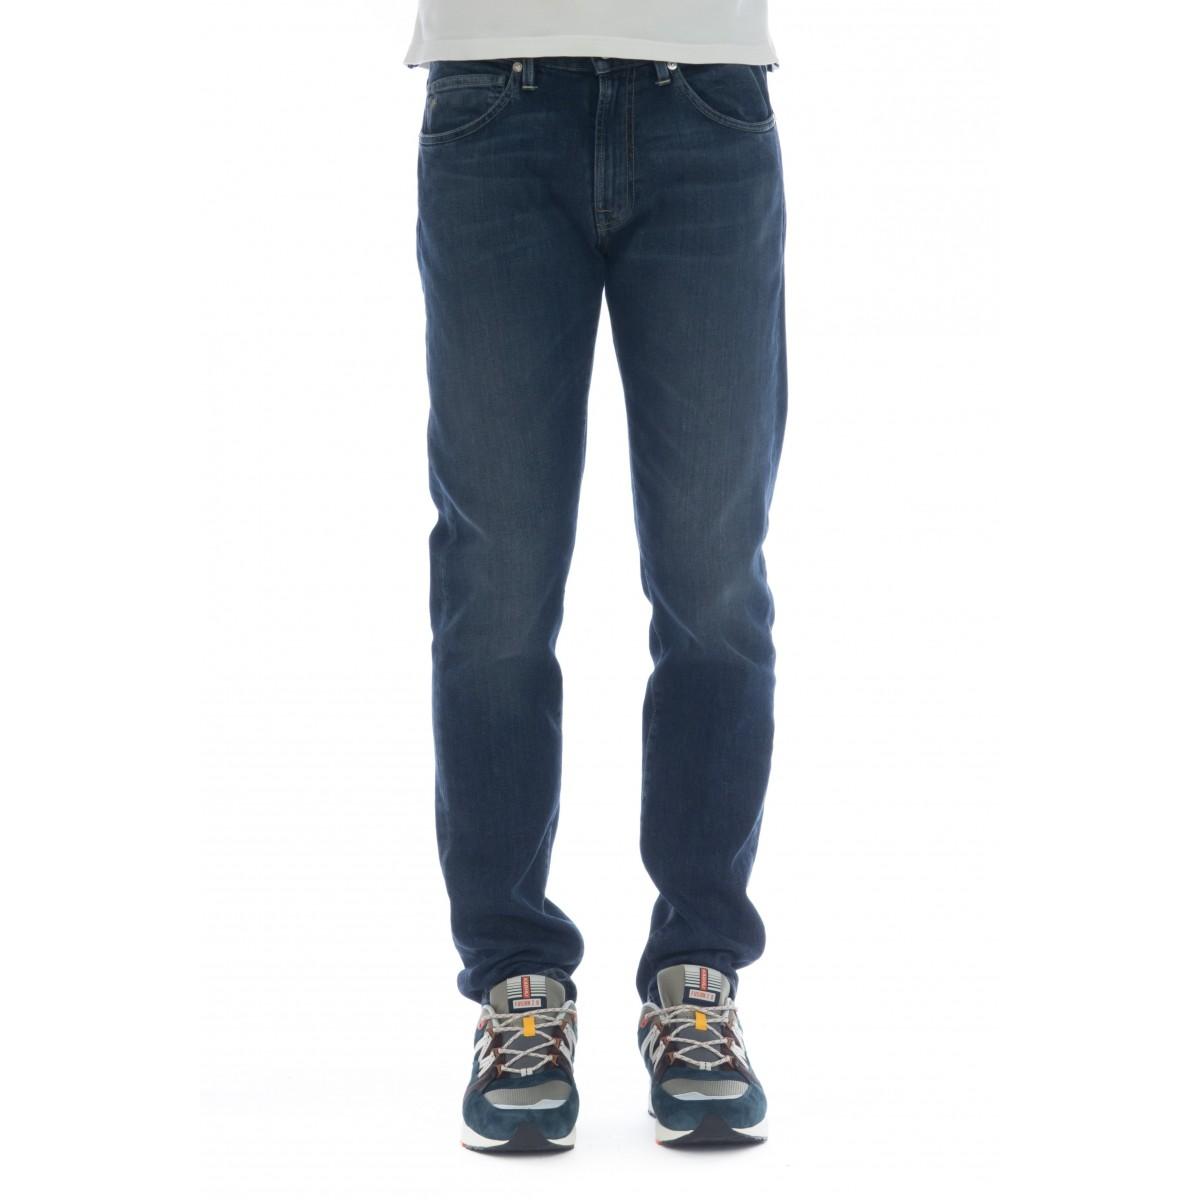 Jeans - Friend fd39